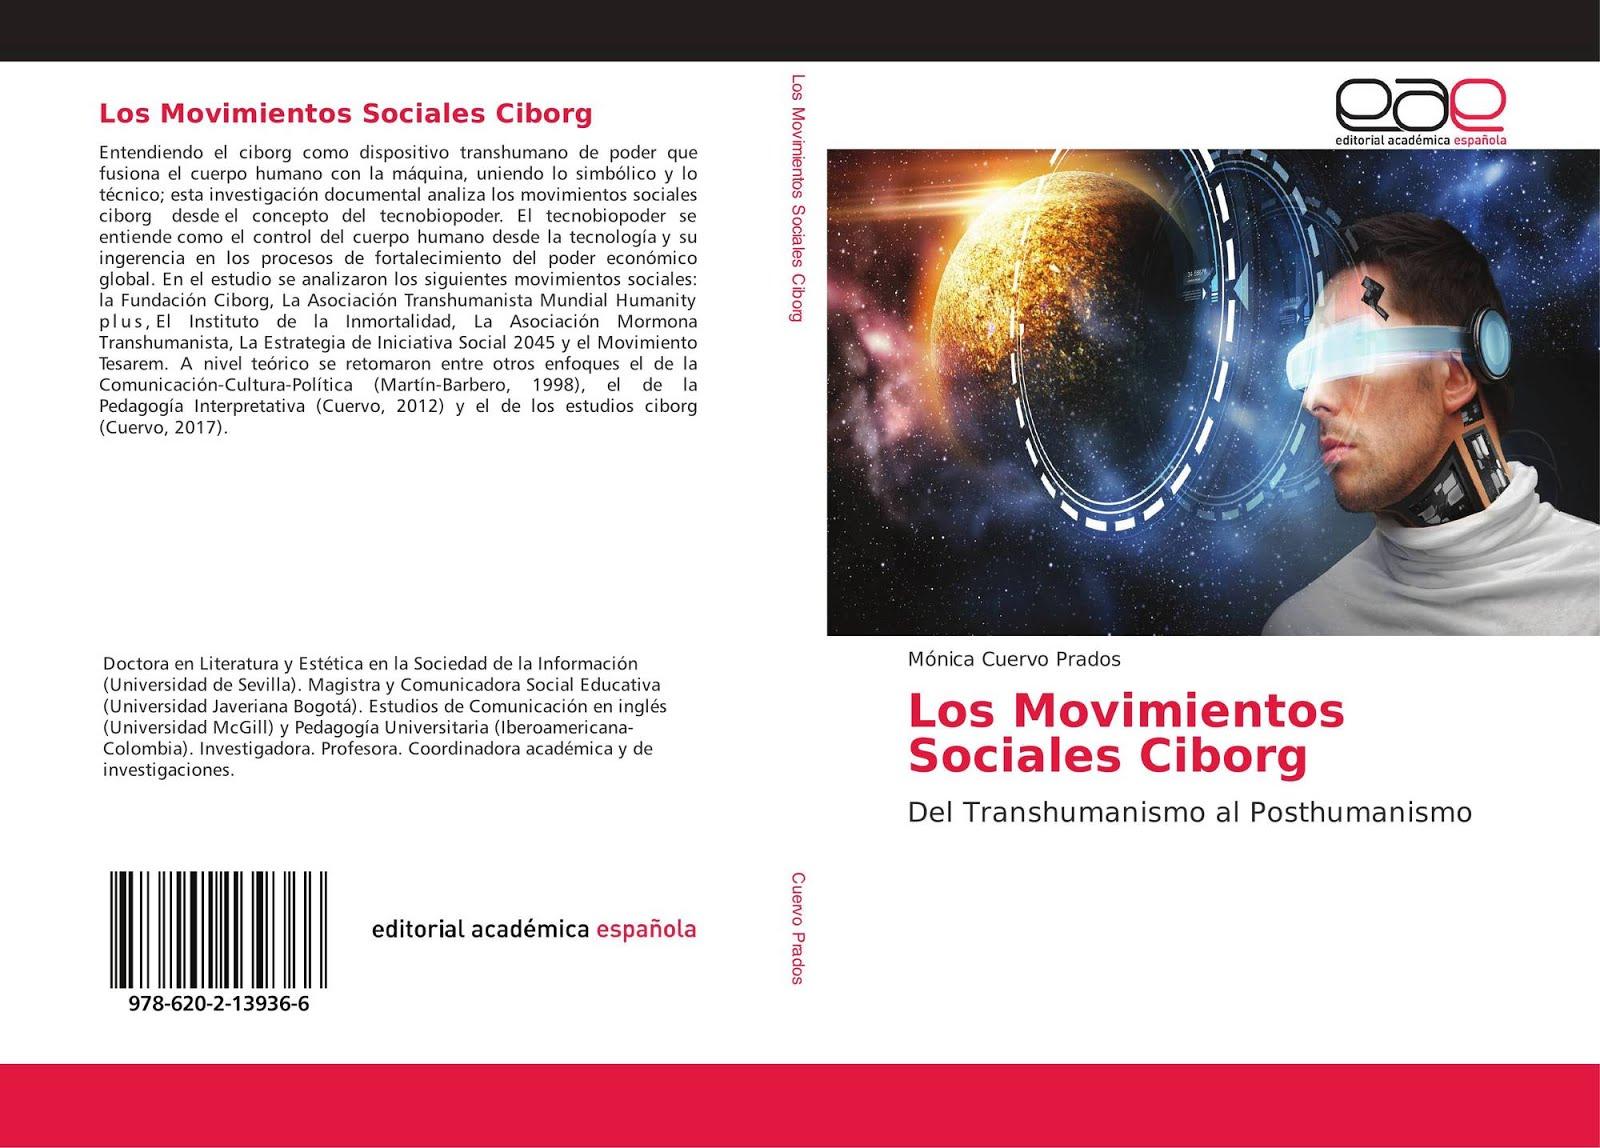 Los Movimientos Sociales Ciborg Del Transhumanismo al Posthumanismo. Mónica Cuervo Prados